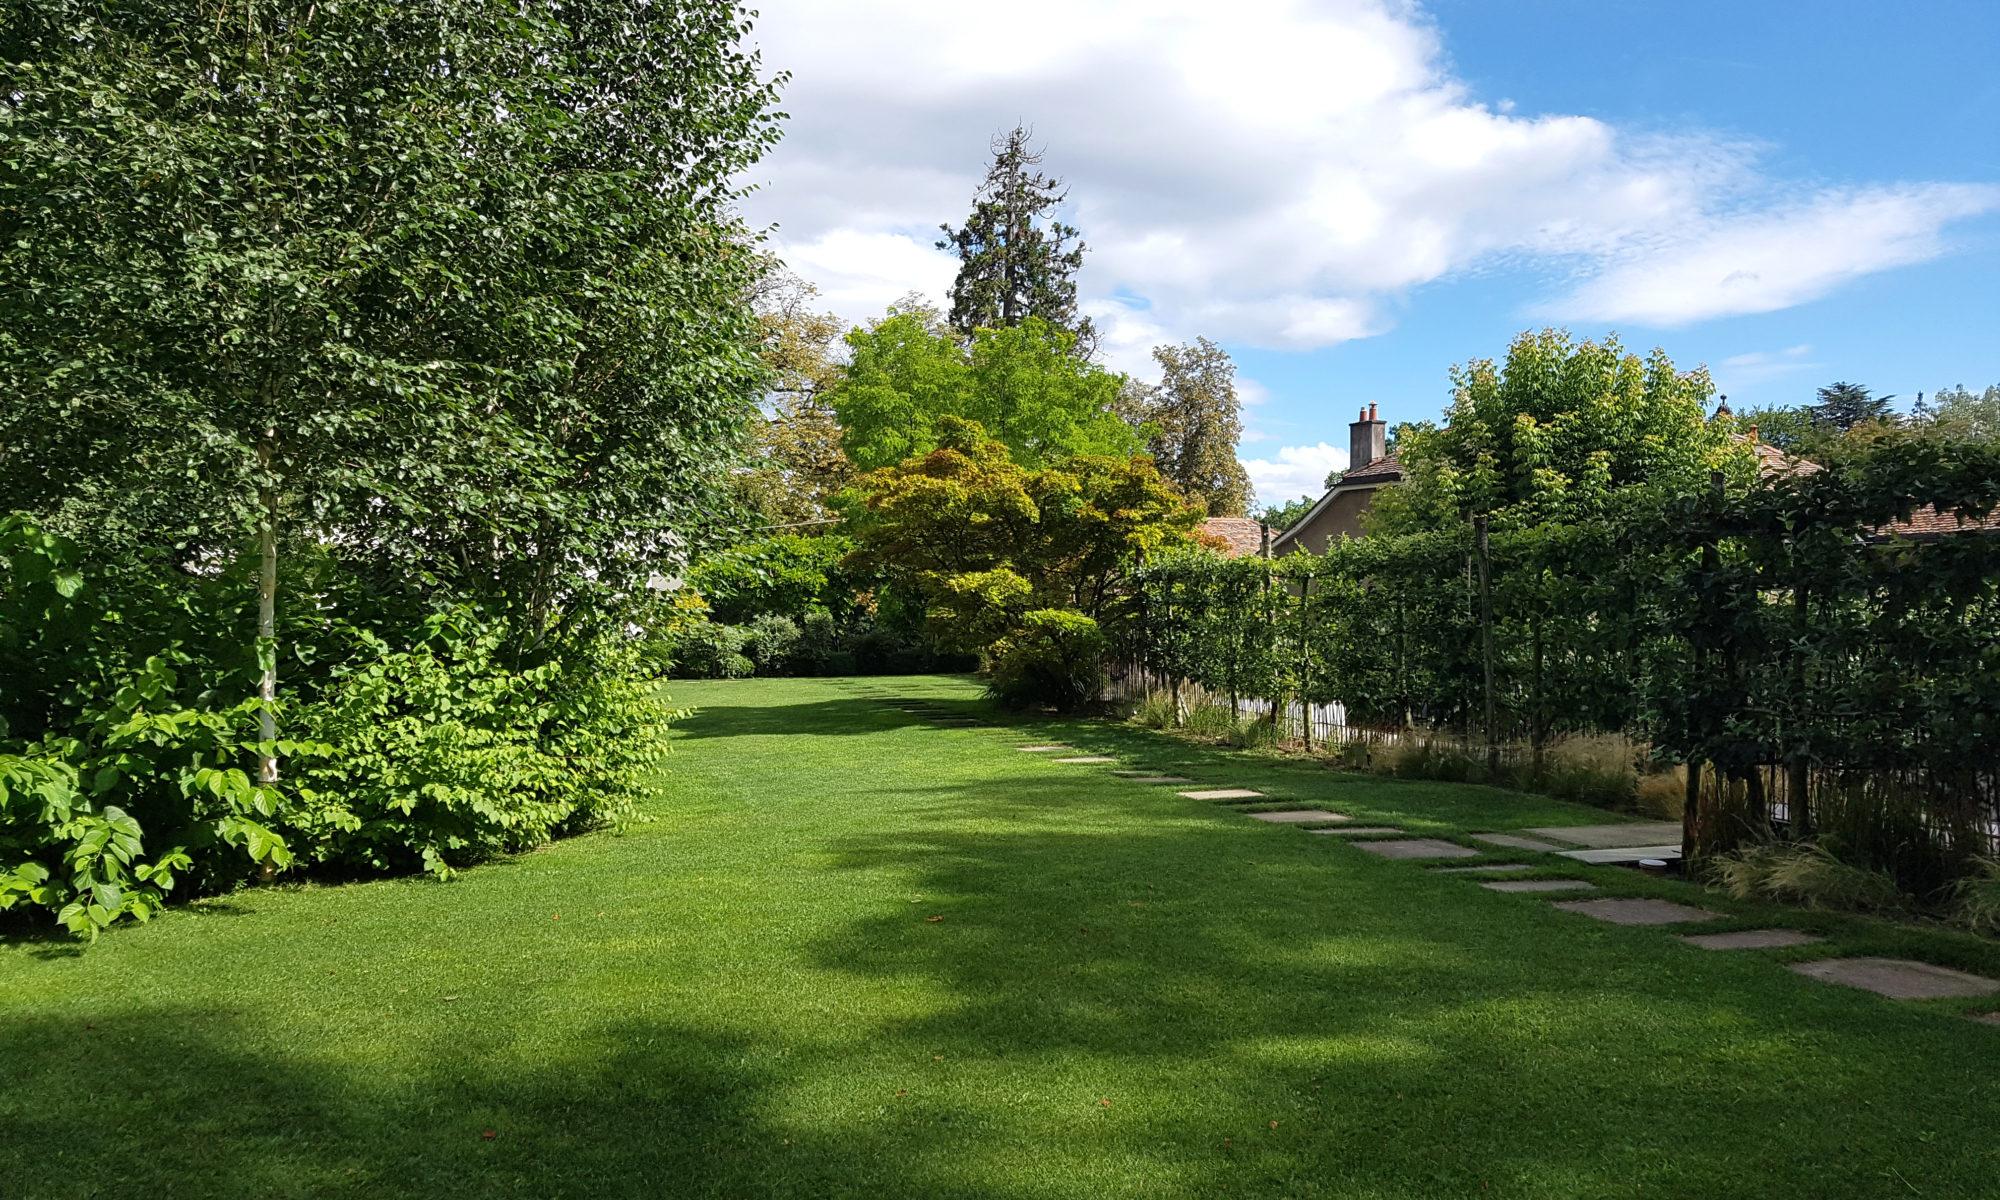 L'entreprise est compétente pour réaliser différents types de travaux dans les jardins et espaces publics.